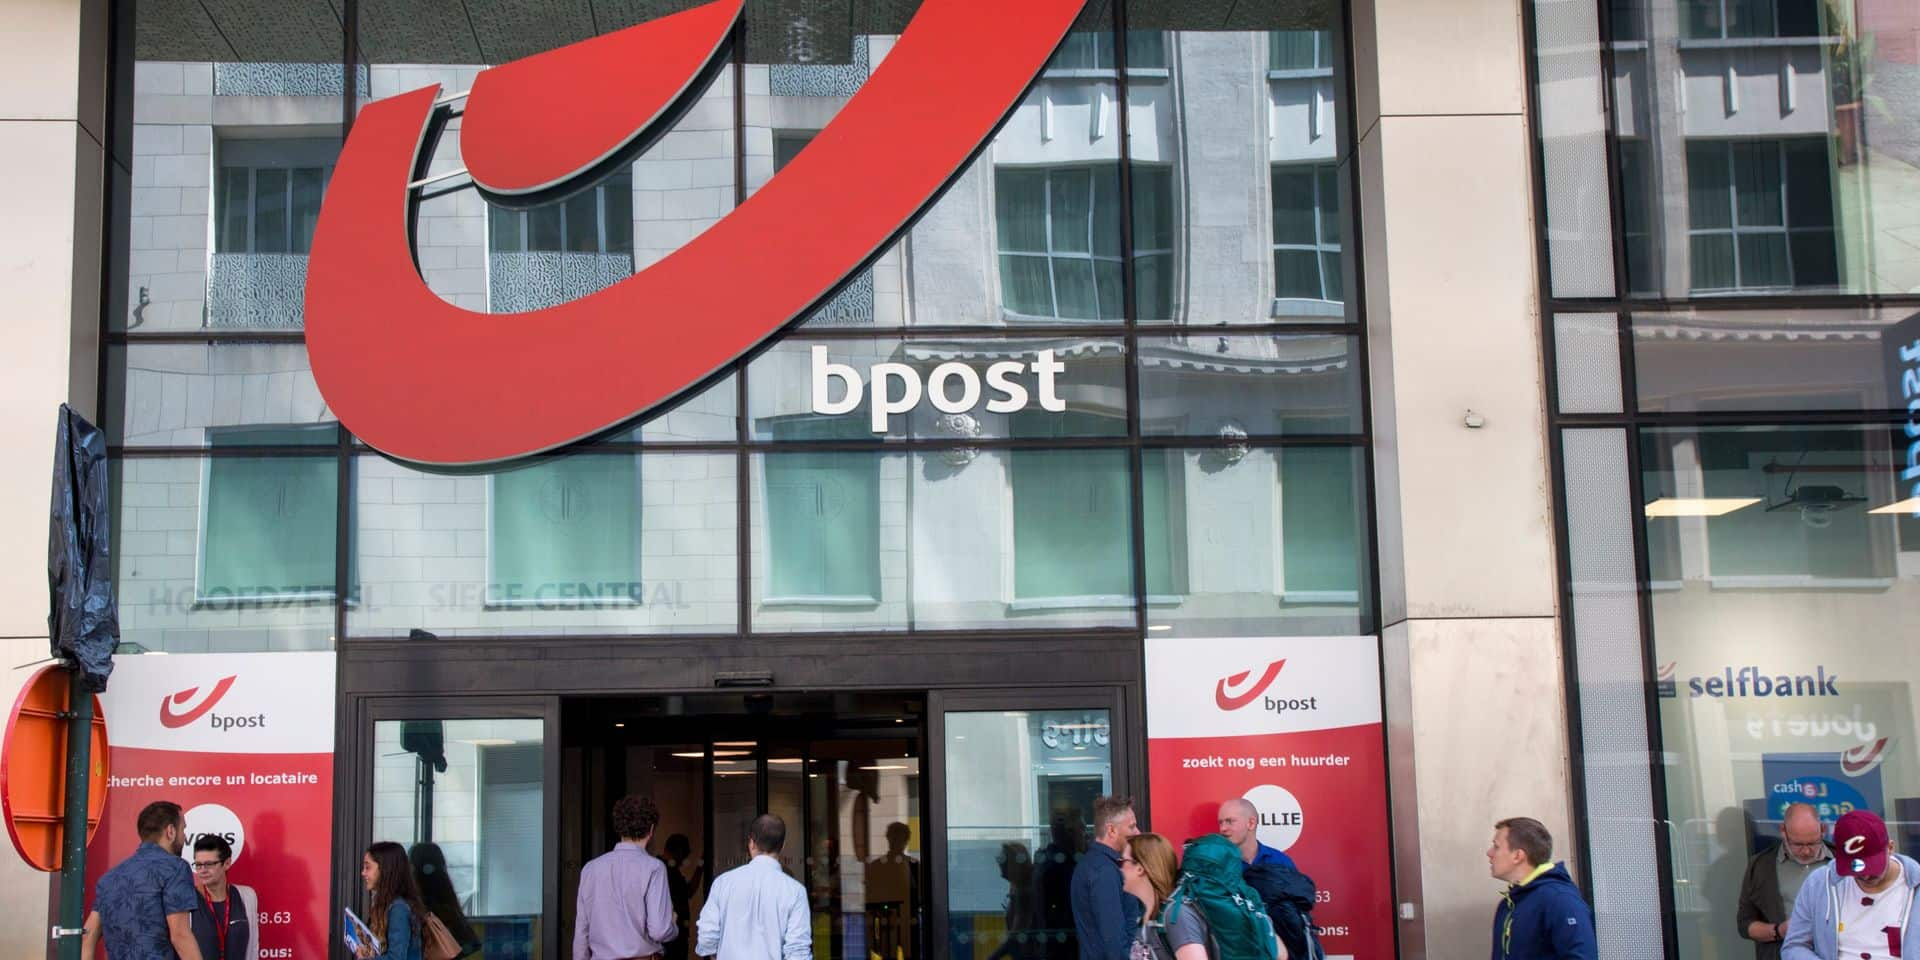 Bpost banque, ex-banque de la Poste, grossit à vue d'oeil